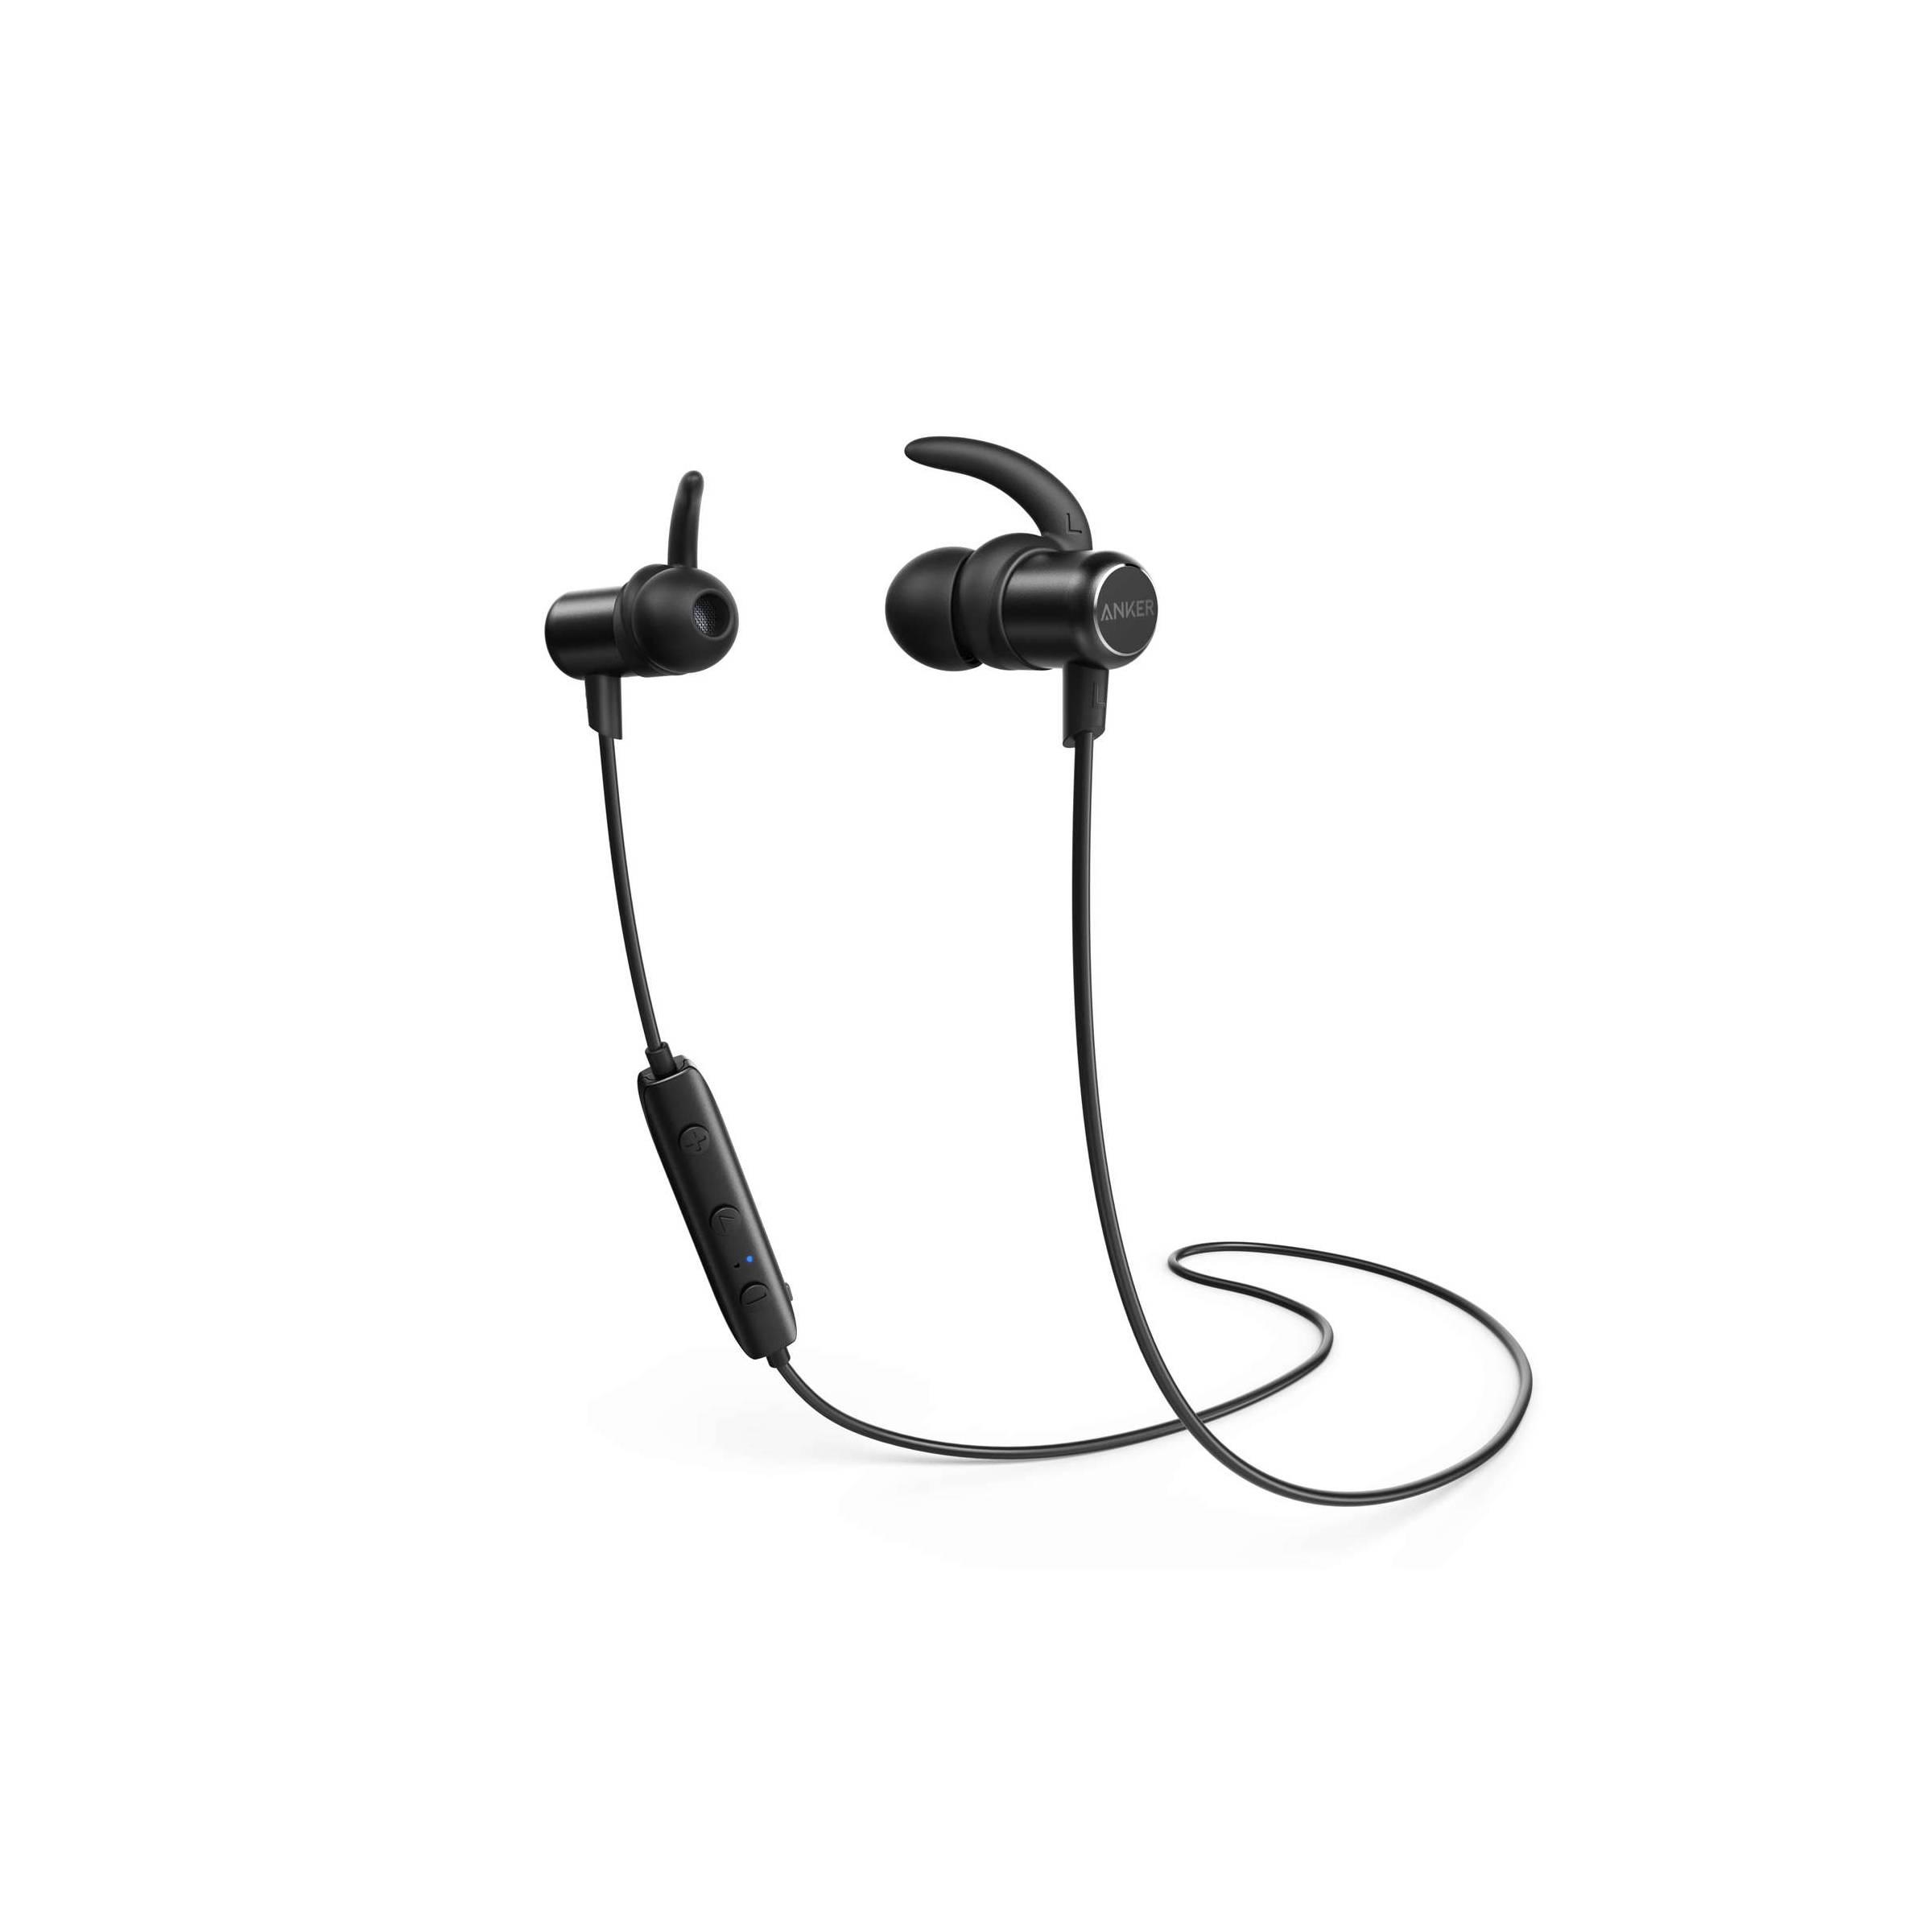 Anker soundbuds slim bluetooth sort in ear headset til iphone osv fra anker fra mackabler.dk